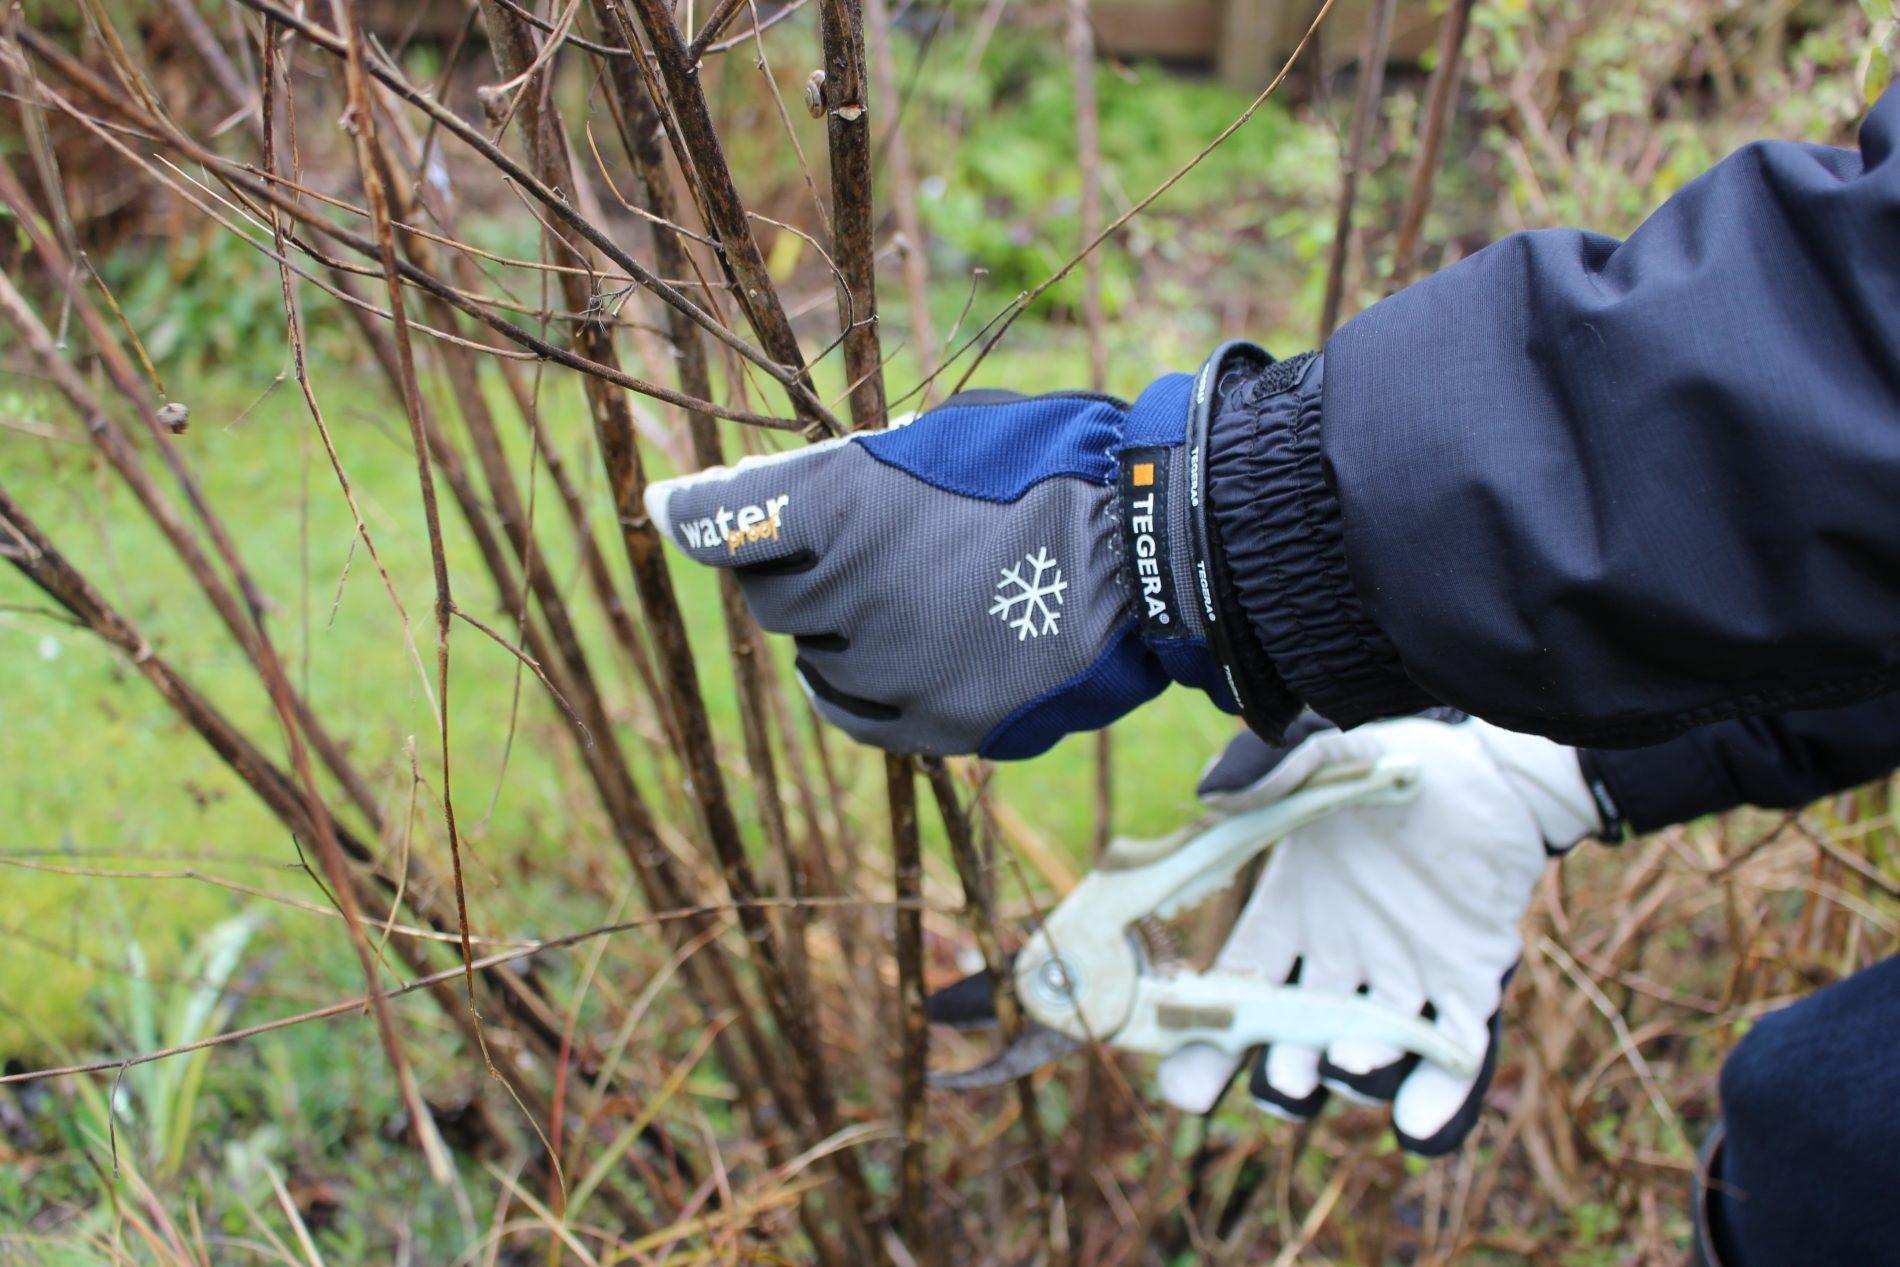 Tegera rukavice do záhrady - Zimné kožené rukavice Tegera® 292, vodeodolné.